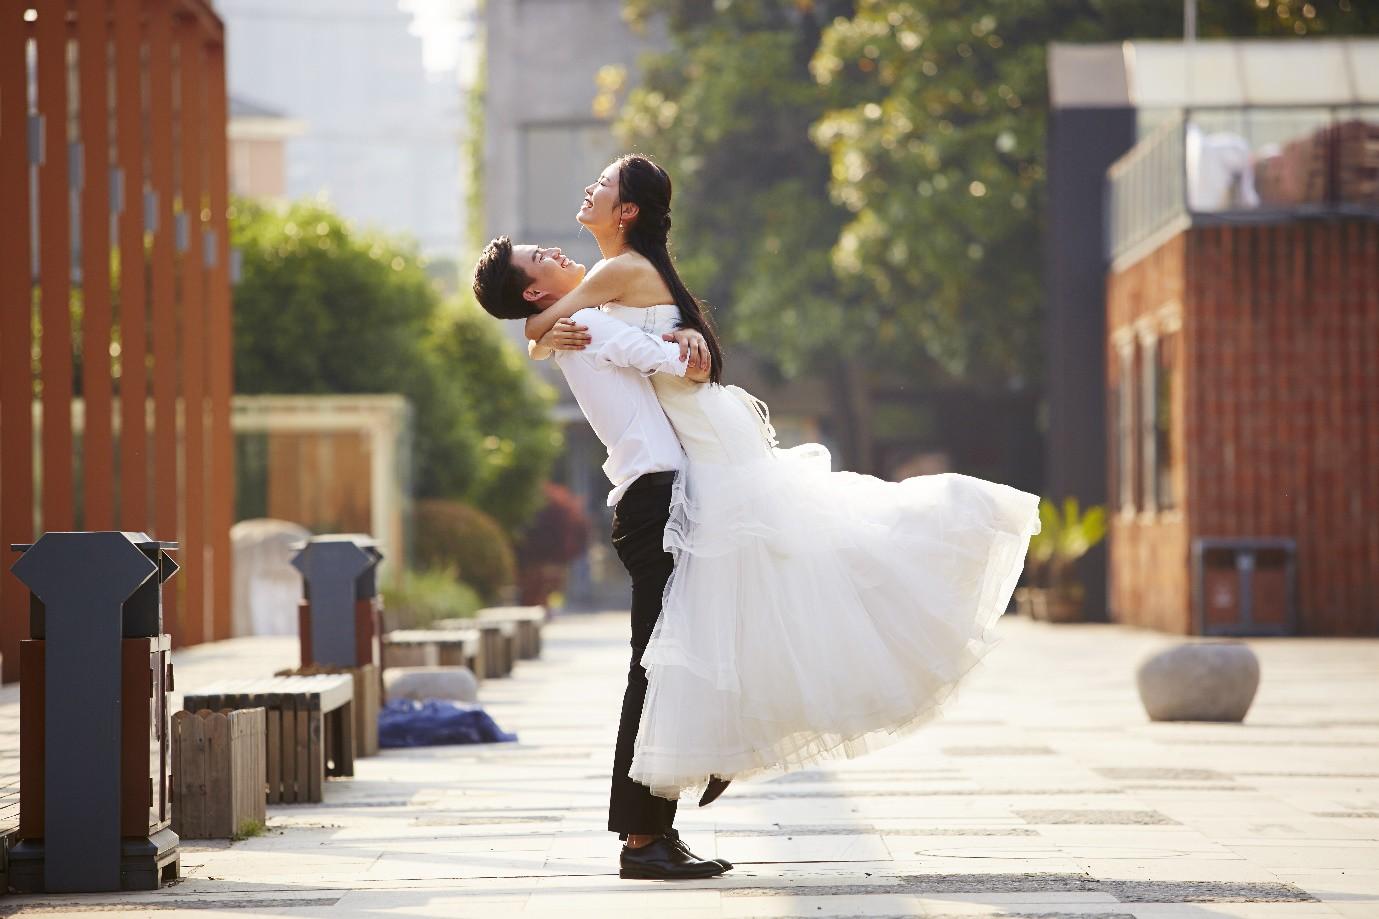 5 bí quyết giữ thần thái để có bộ ảnh cưới trong mơ - Ảnh 1.